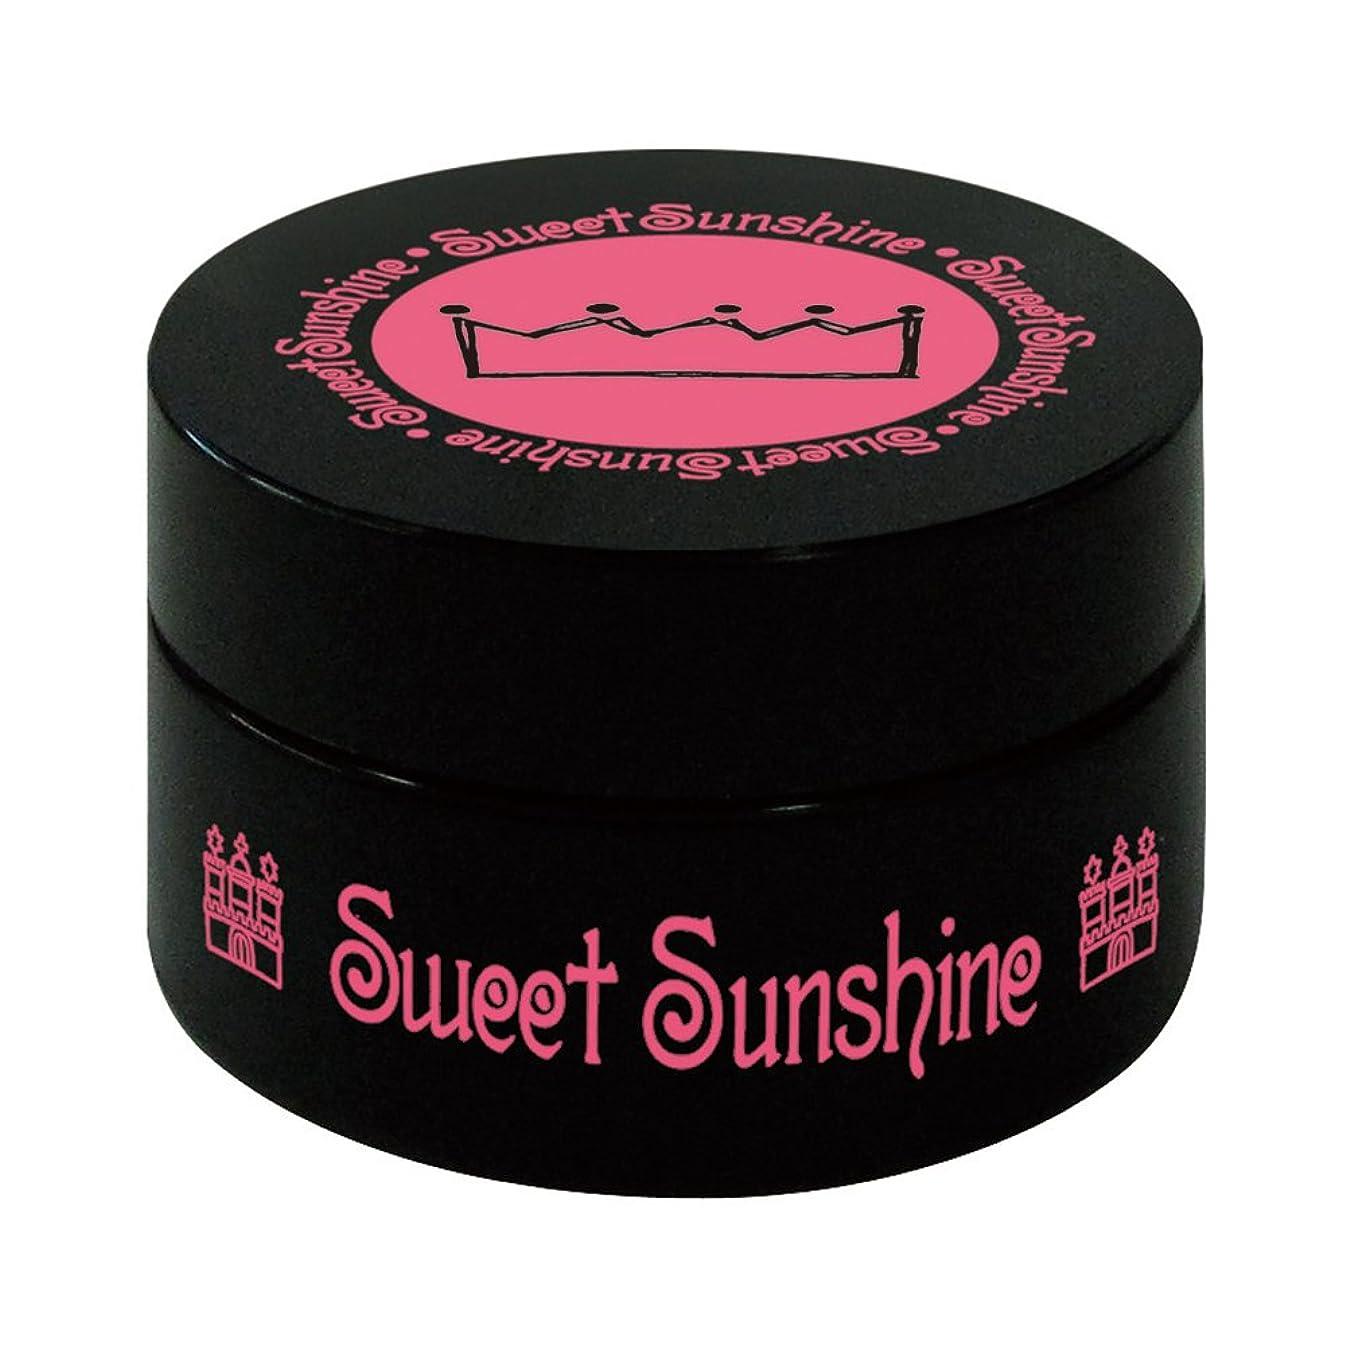 するだろう瞳ジョグ最速硬化LED対応 Sweet Sunshine スィート サンシャイン カラージェル SC-21 4g ベージュ